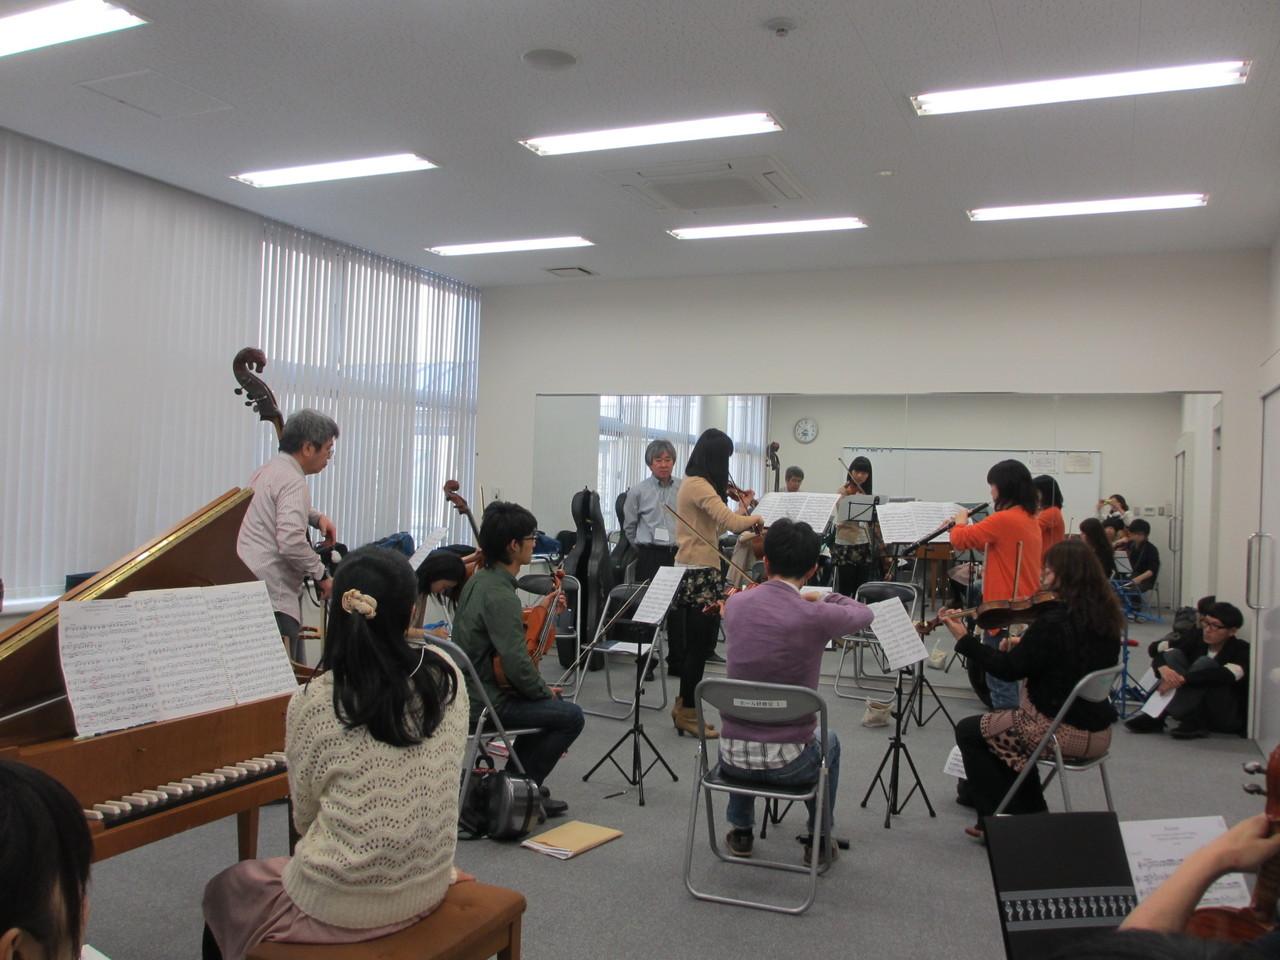 オーボエとヴァイオリンの為の協奏曲